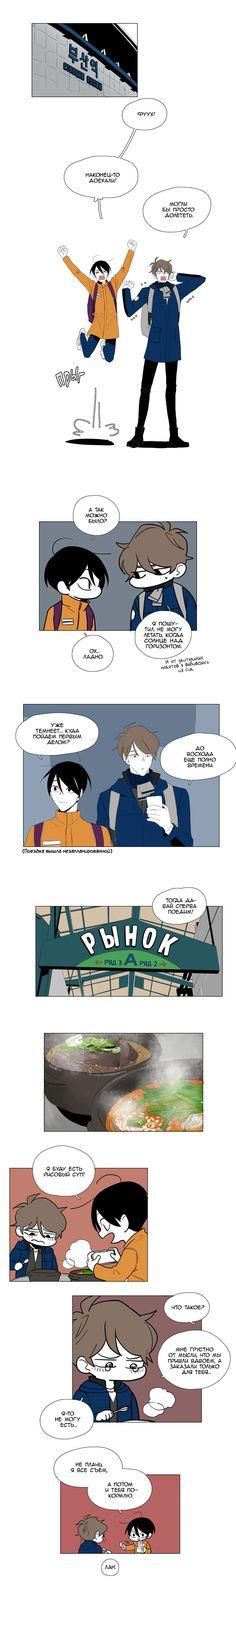 Чтение манги Как взрастить вампира 1 - 57 - самые свежие переводы. Read manga online! - ReadManga.me